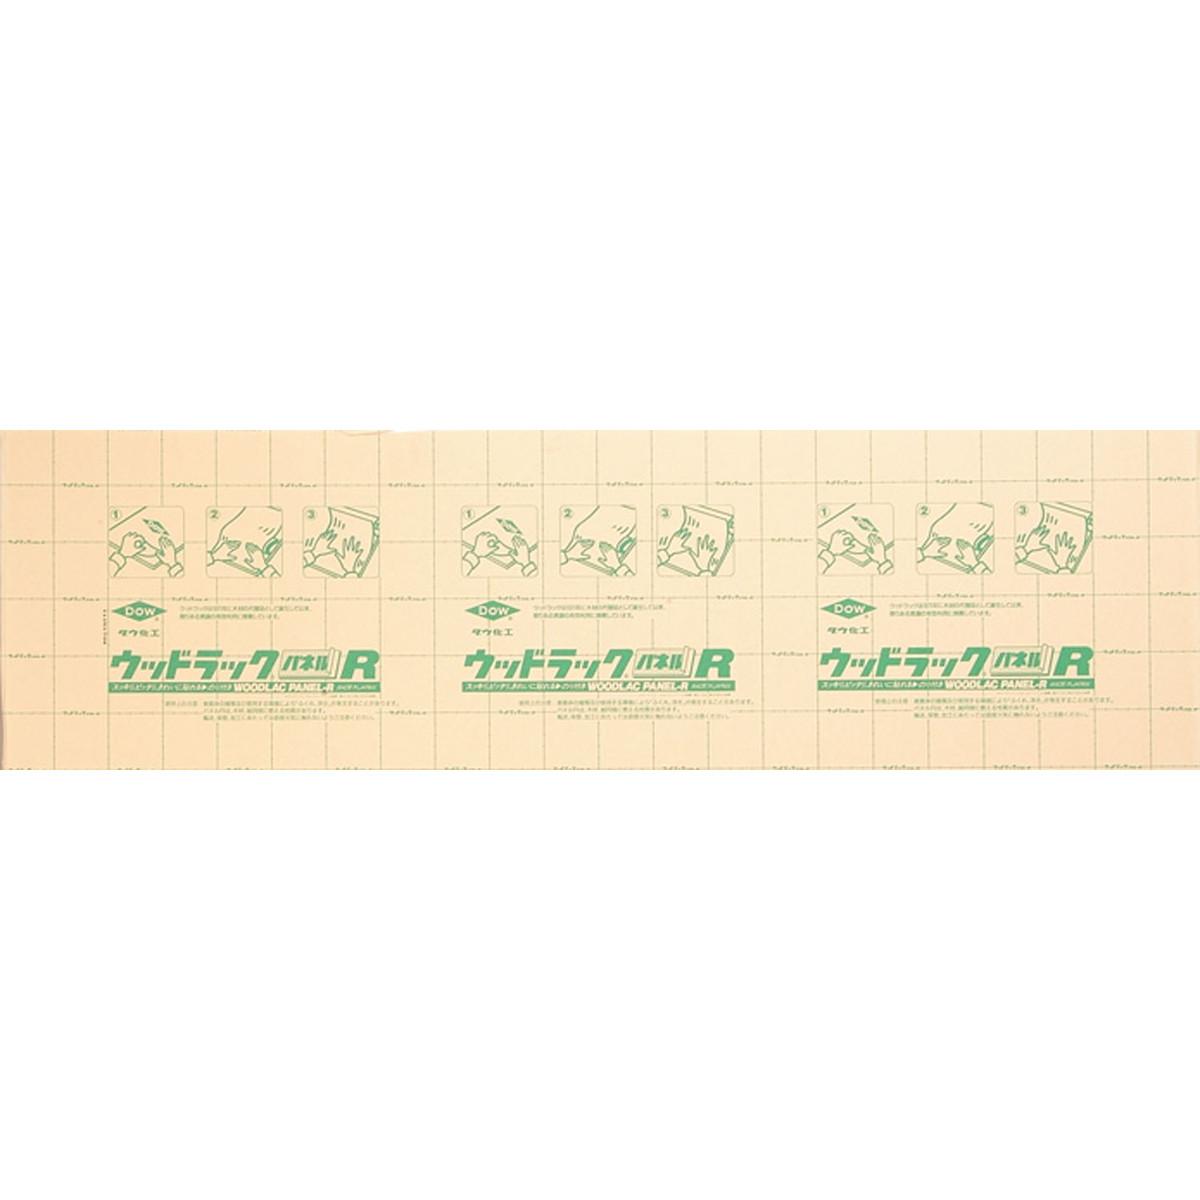 【送料無料!】Artec(アーテック) ウッドラックパネル片面7mm910x1820 1枚 #197403